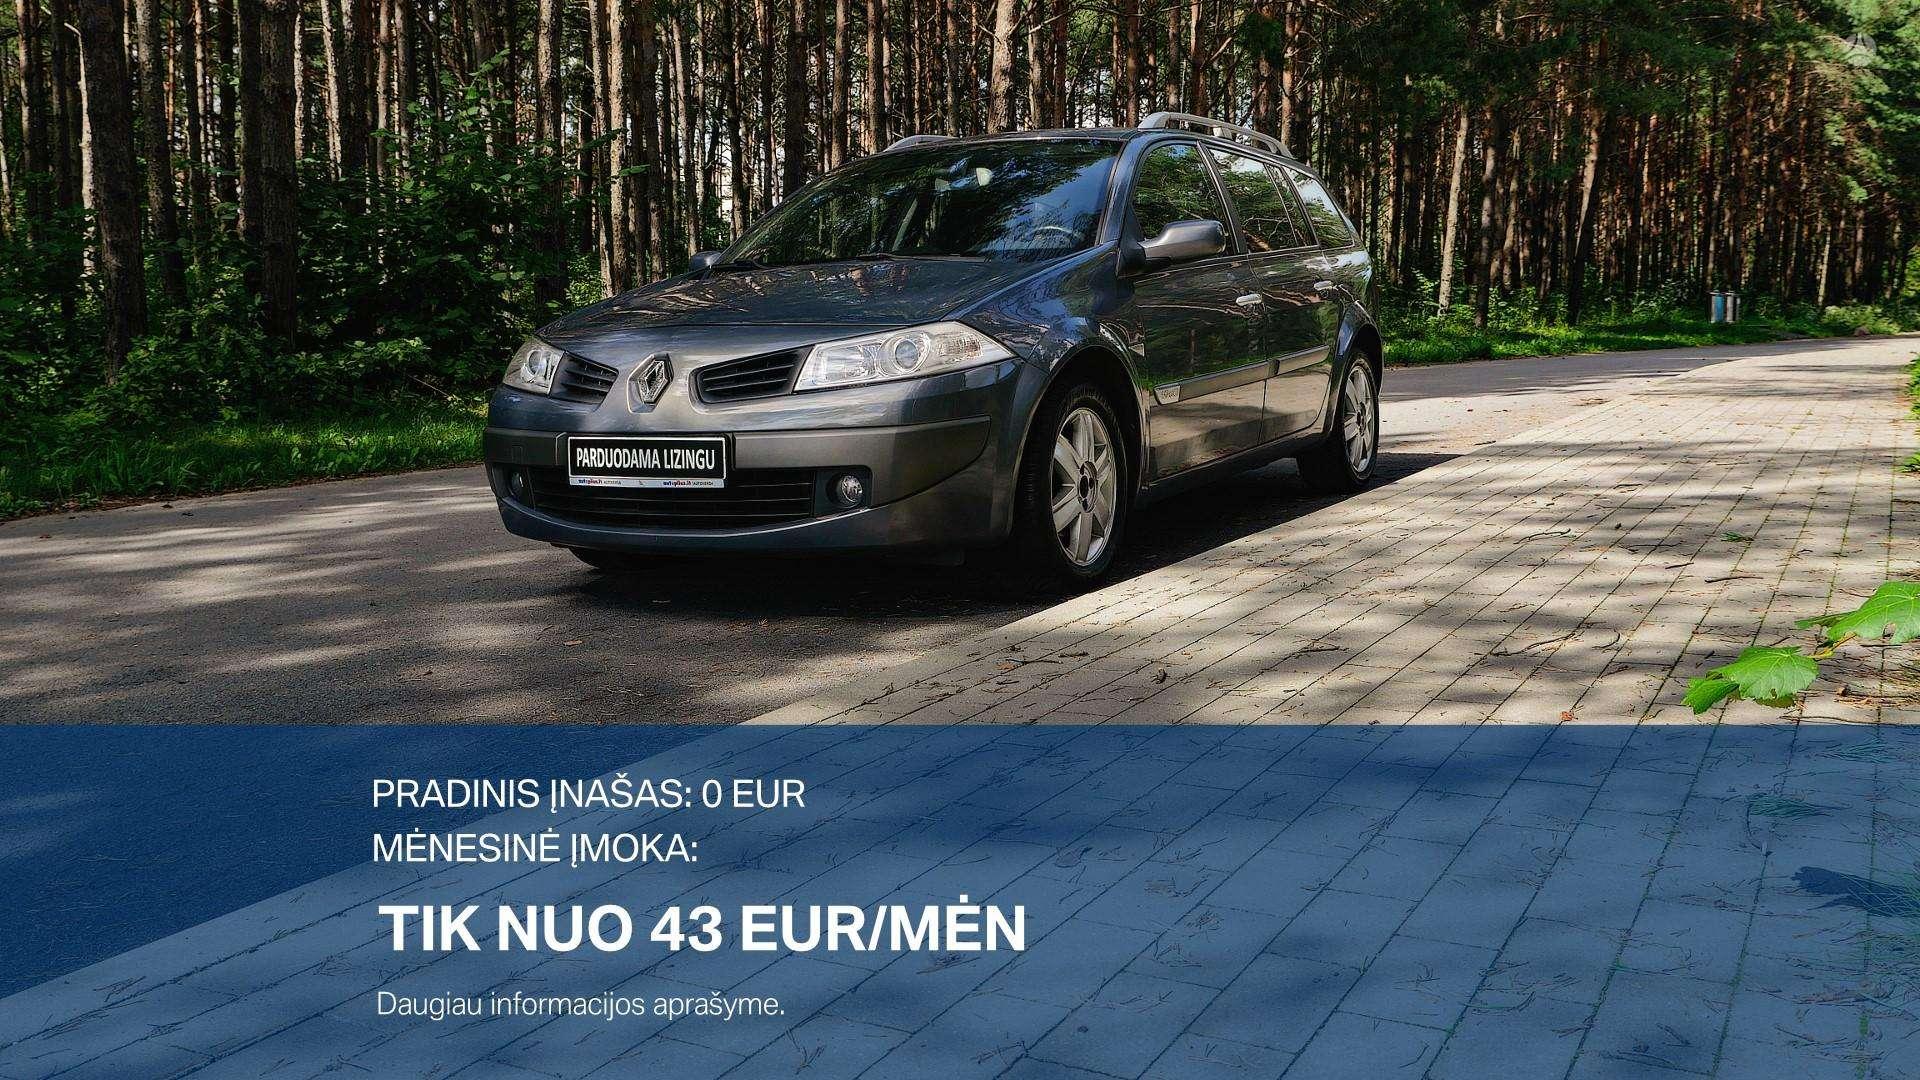 Renault Megane Išsimokėtinai nuo 43Eur/Mėn su 3 mėnesių garantija